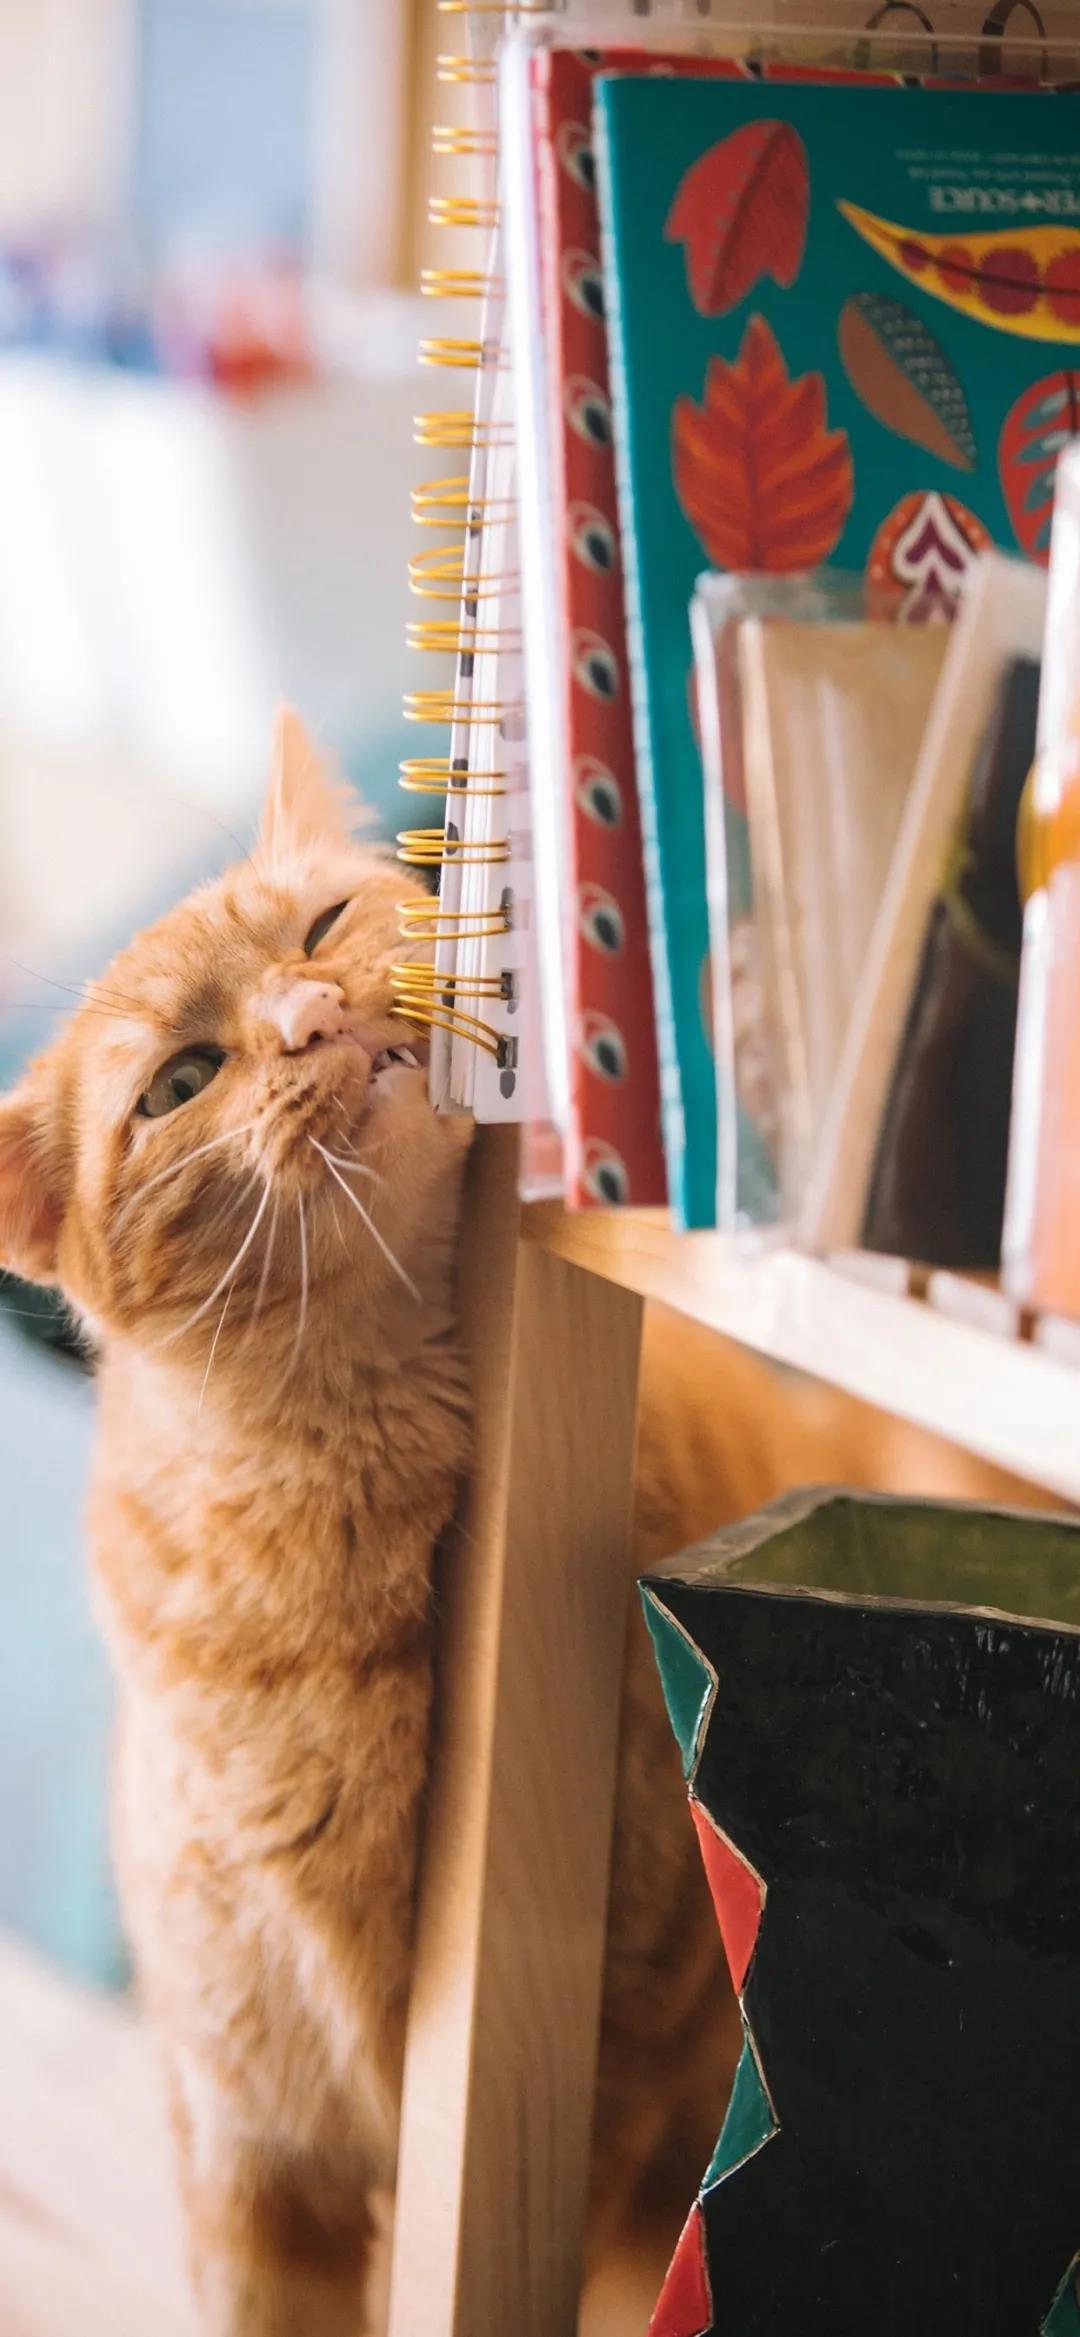 活泼可爱的猫咪高清动物手机壁纸图片